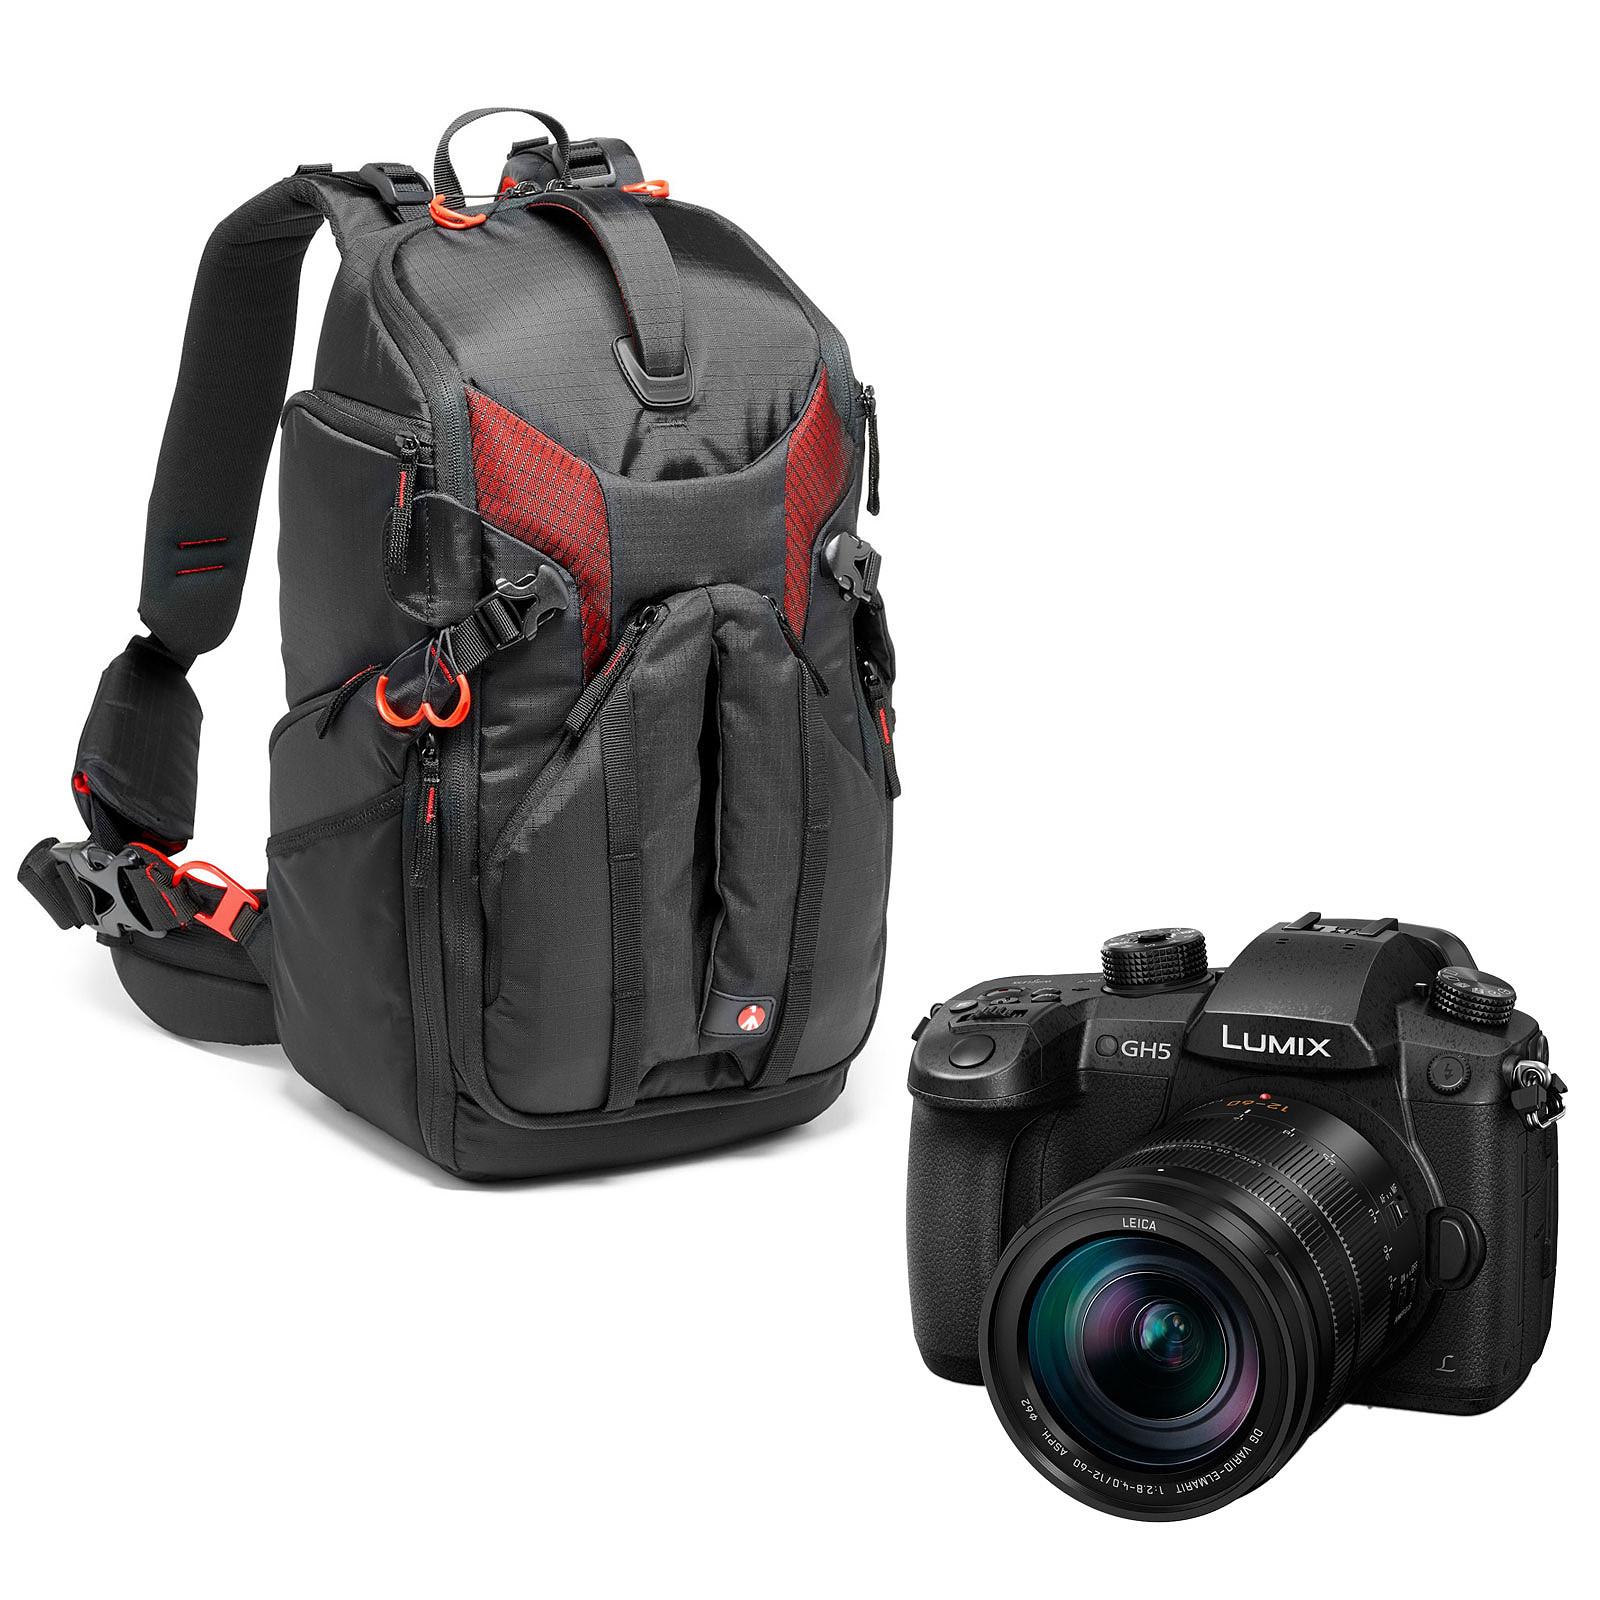 Panasonic DMC-GH5 + Leica 12-60 mm + Manfrotto Pro Light Sling MB PL-3N1-26